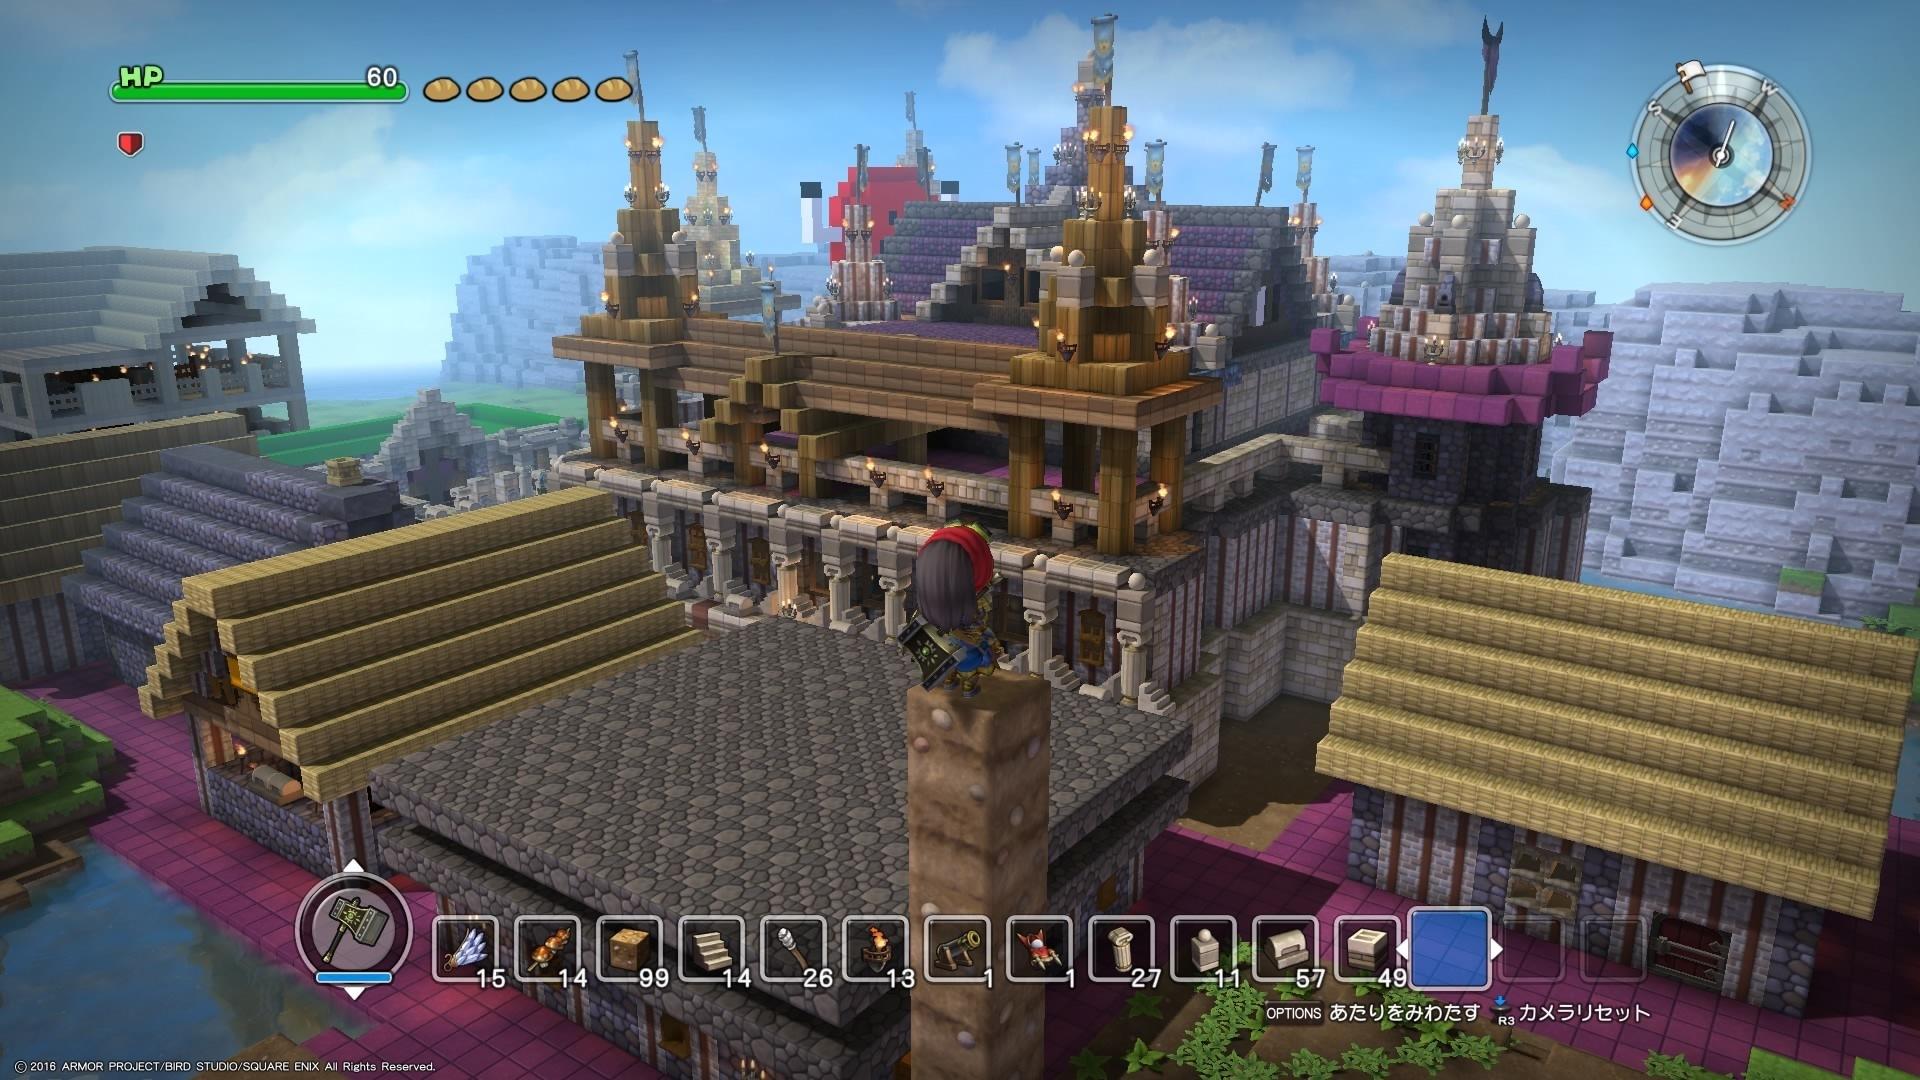 ドラゴンクエストビルダーズ_屋根の作り方を解説するための画像